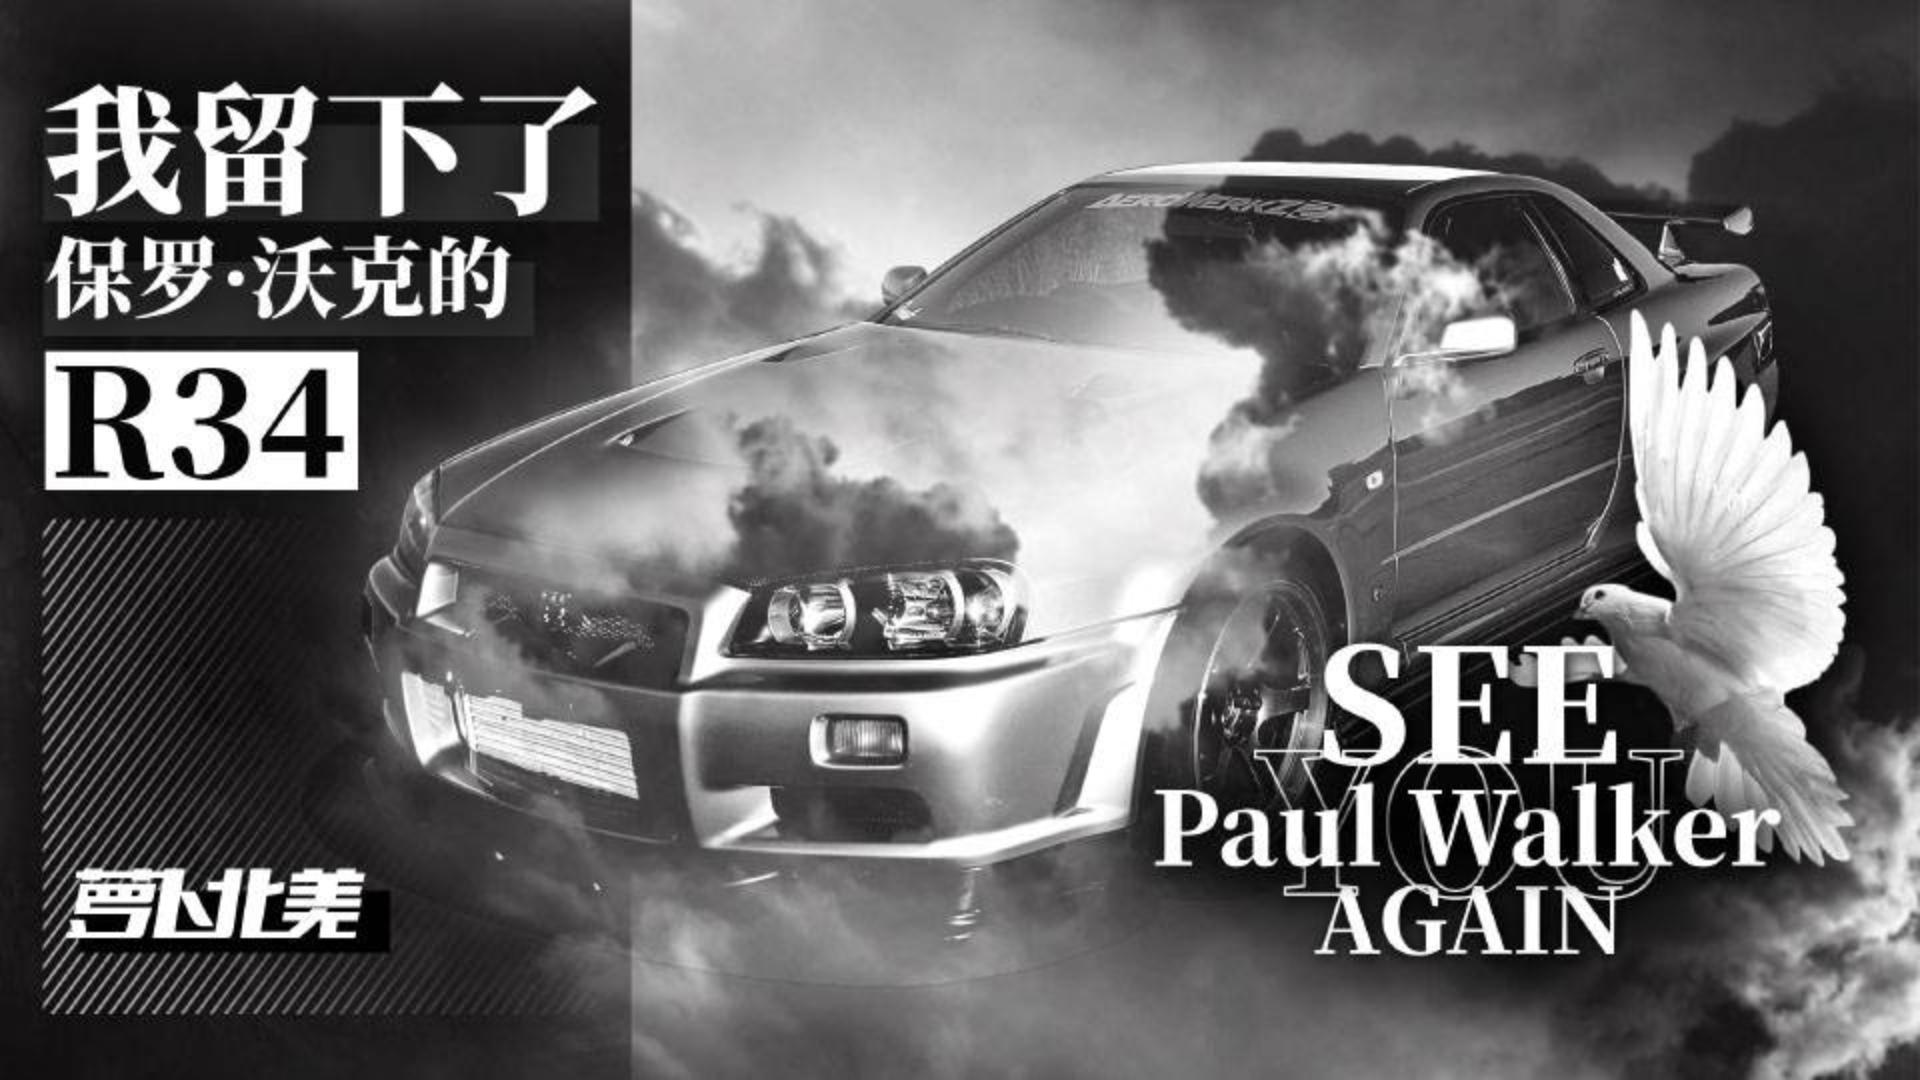 我买下了保罗·沃克的R34陪在身边 他的去世让我彻夜难眠 | 萝卜北美